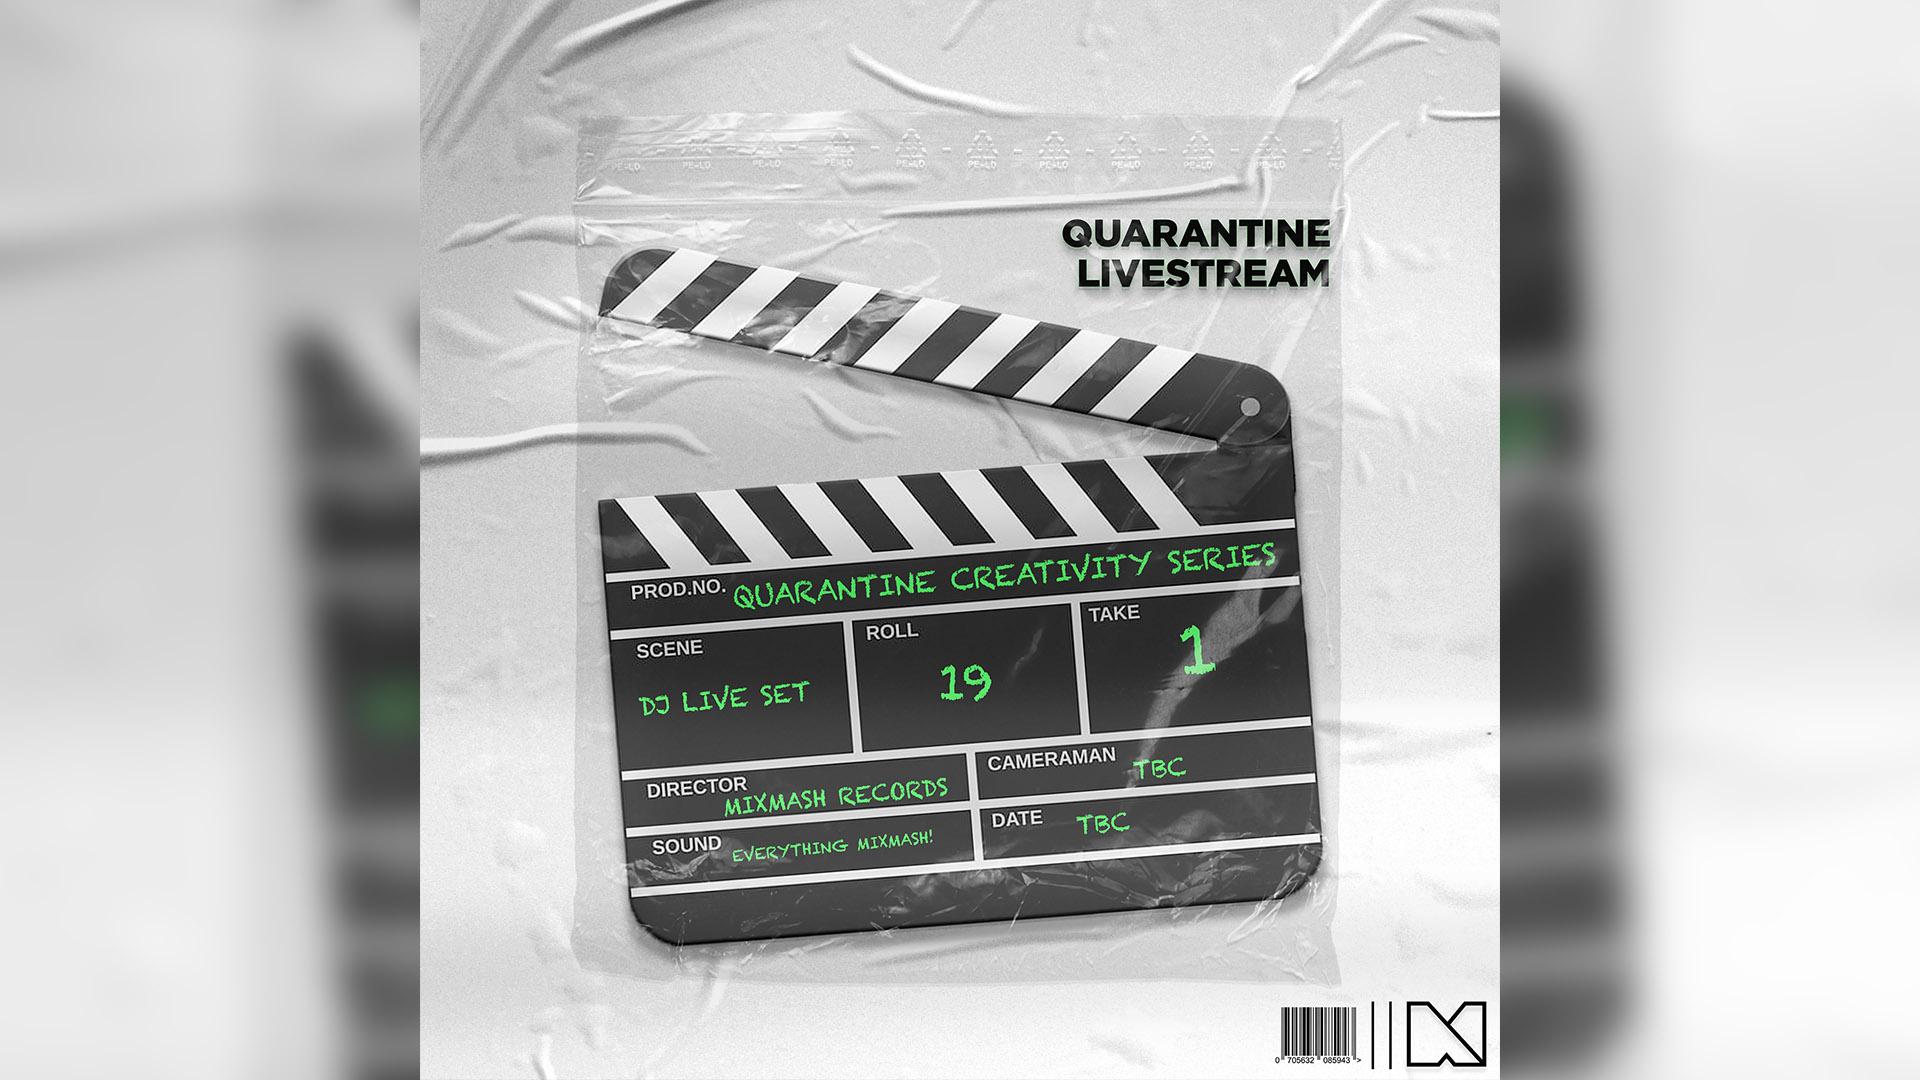 Quarantine Livestream